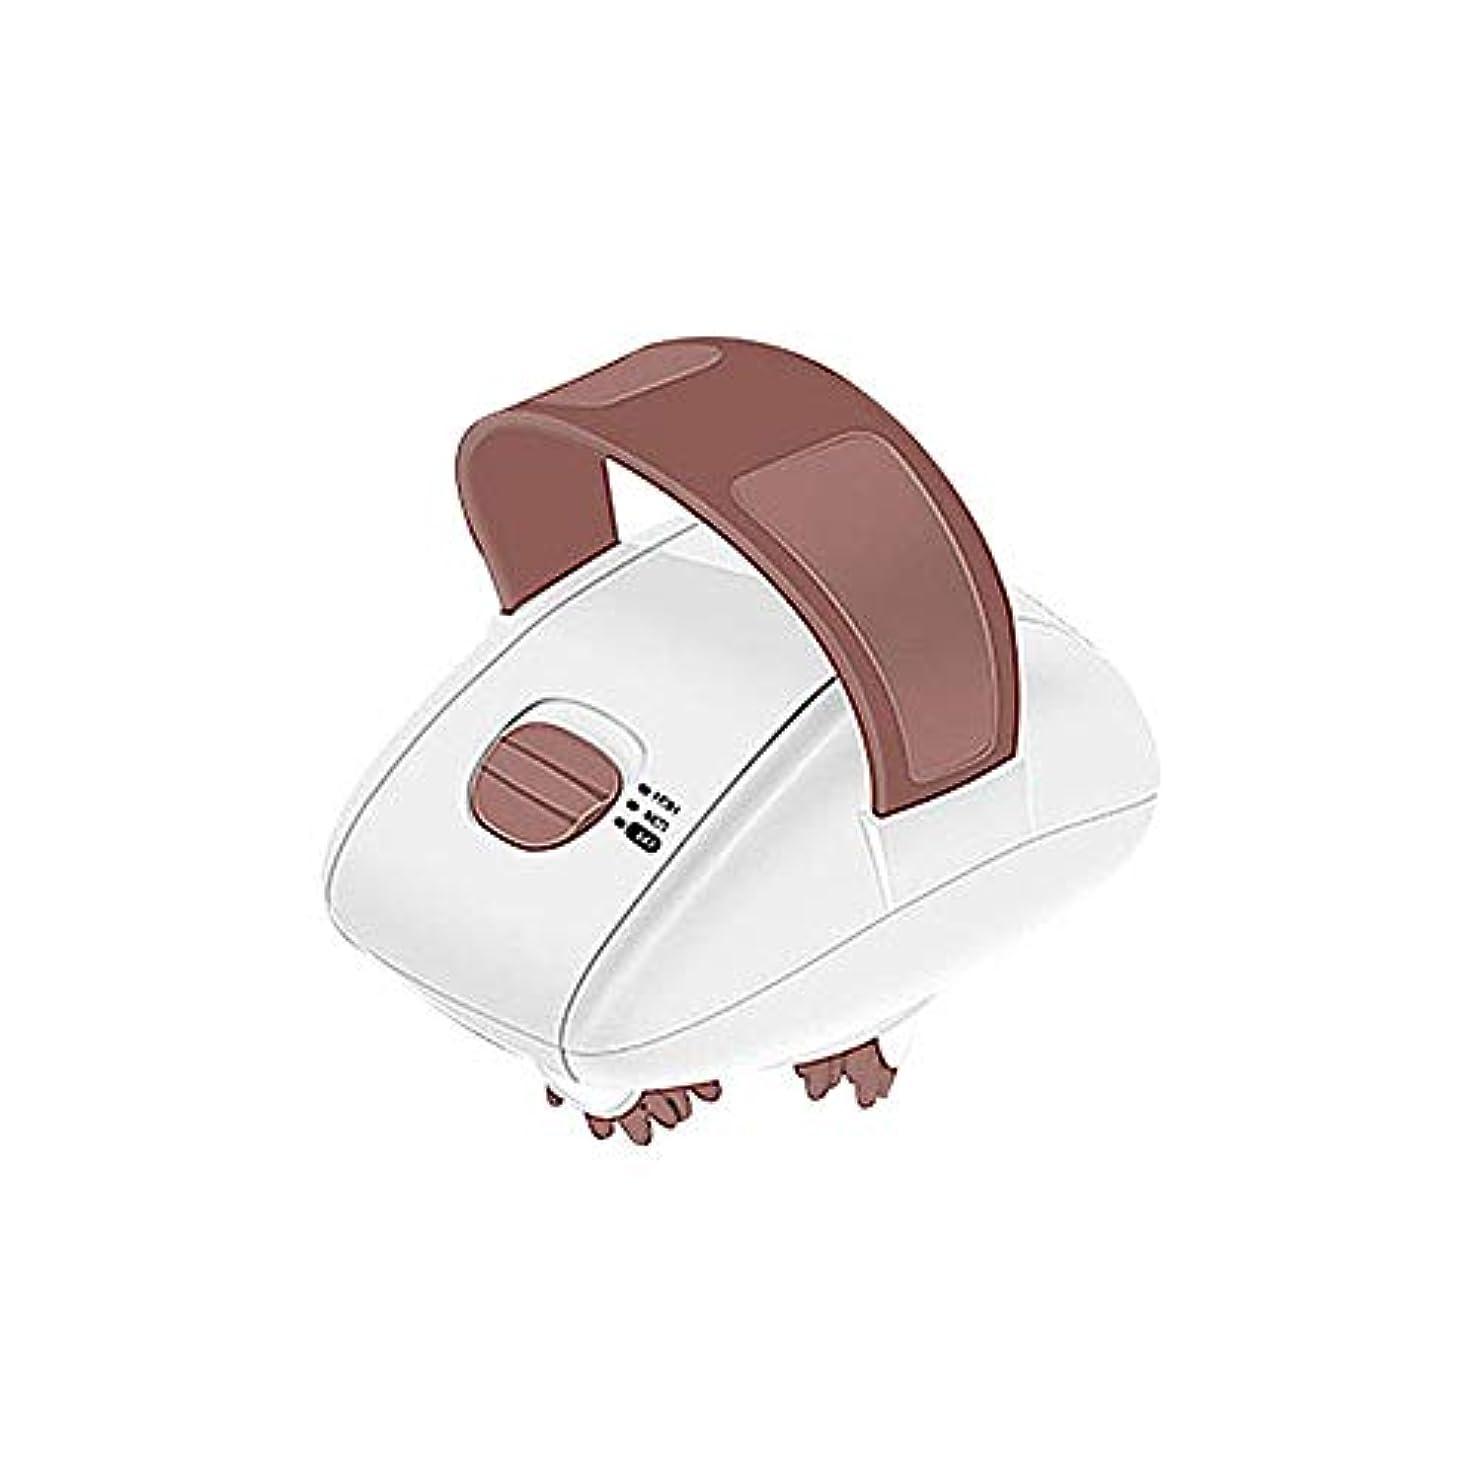 デイジーケープアナニバー3D ミニボディスリム 電動ギアミニマッサージャー 多機能 ボディ ハード マッサージローラー 美脚 腕痩せ 疲れ解消 全身にマッサージ ダイエット 電動ローラー ミニ脂肪マッサージ師 2色選べる